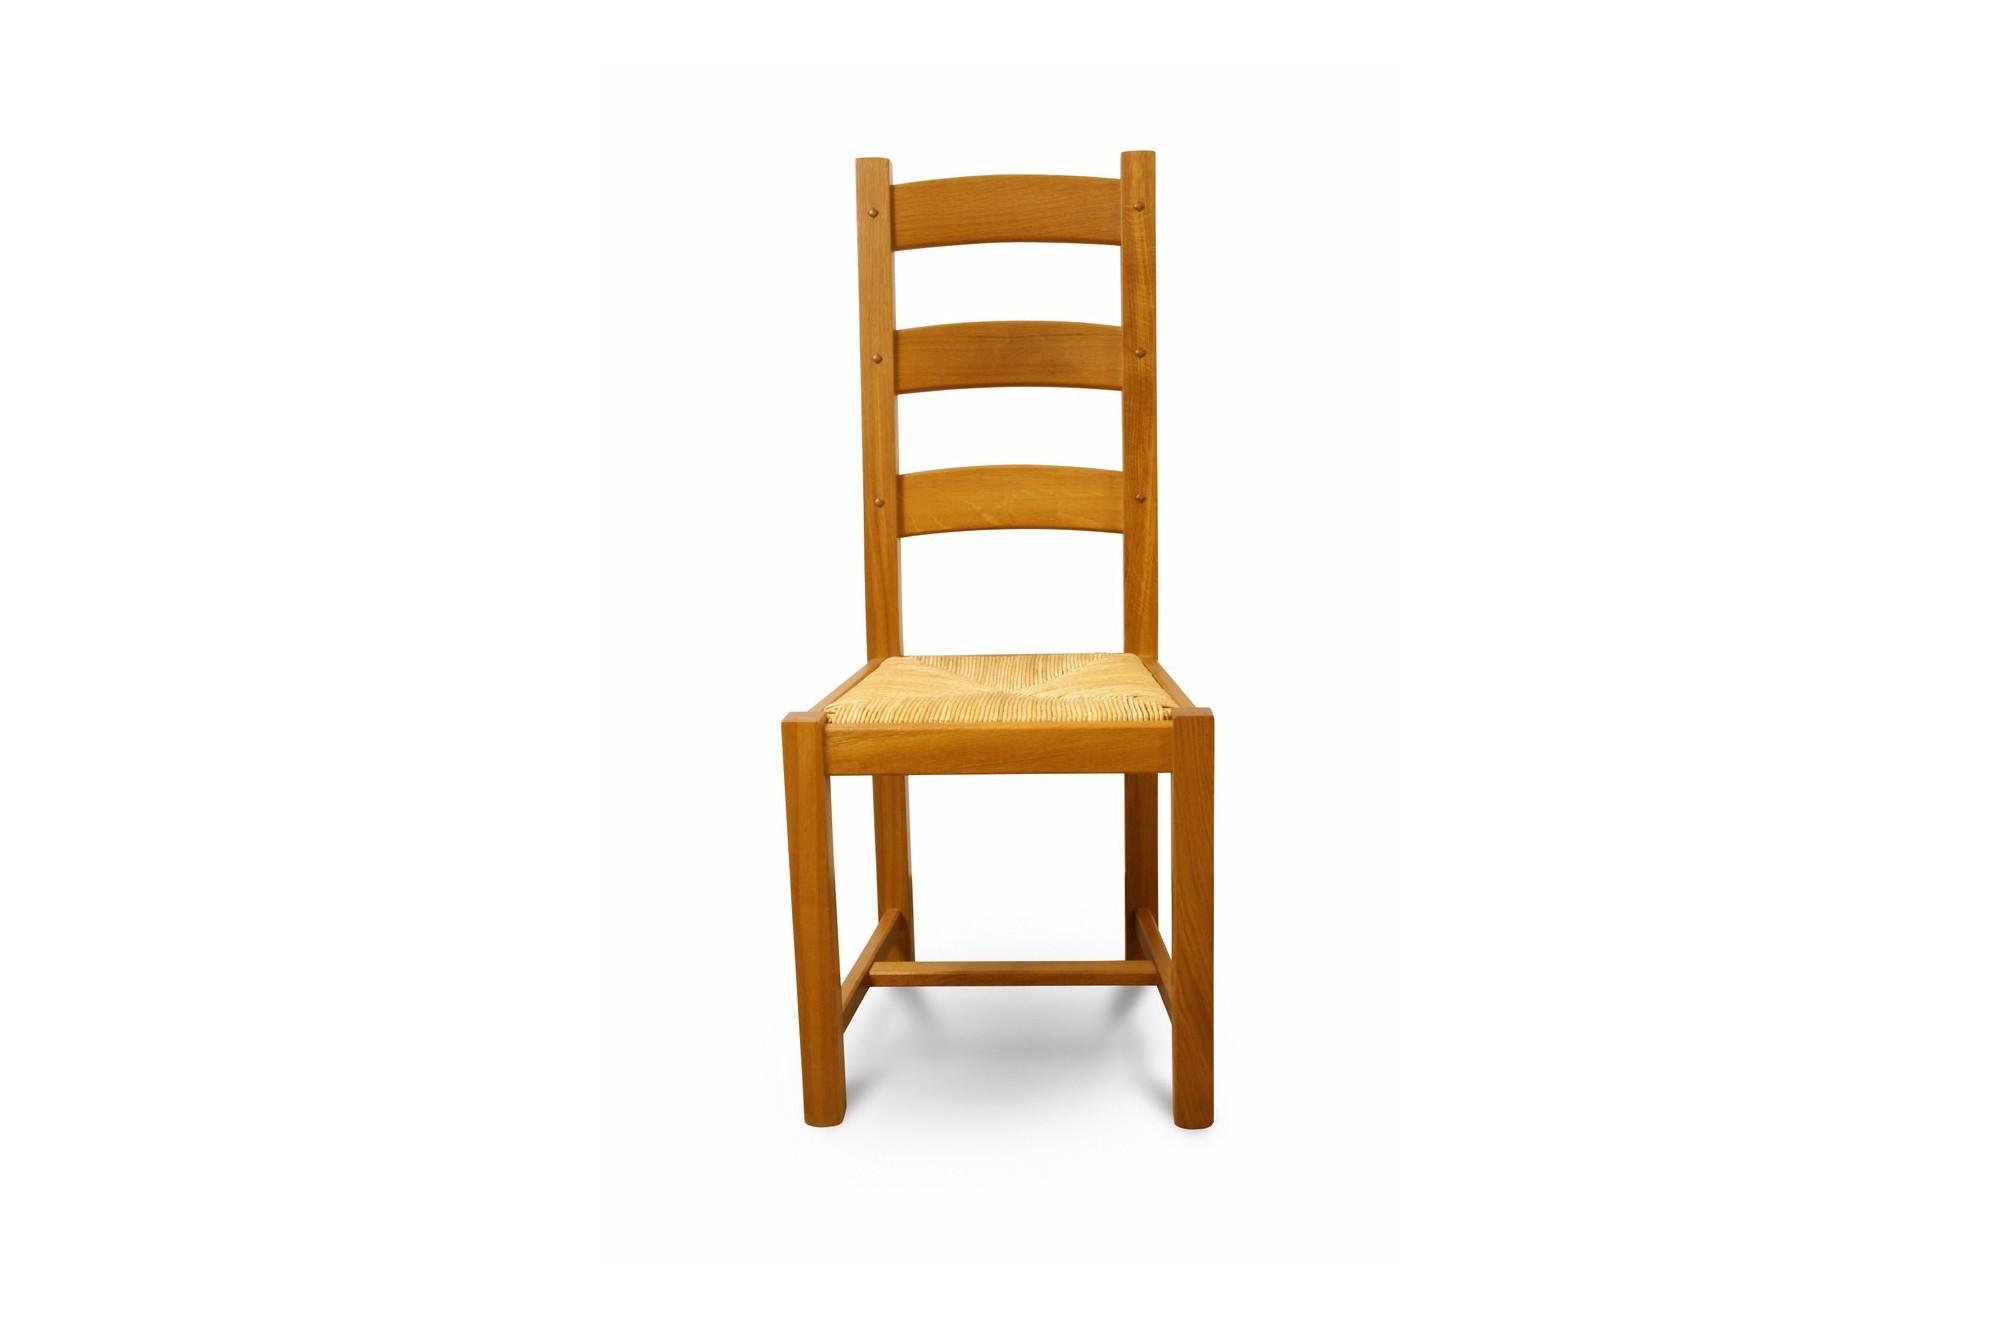 chaise rustique en ch ne massif et assise paille hellin. Black Bedroom Furniture Sets. Home Design Ideas